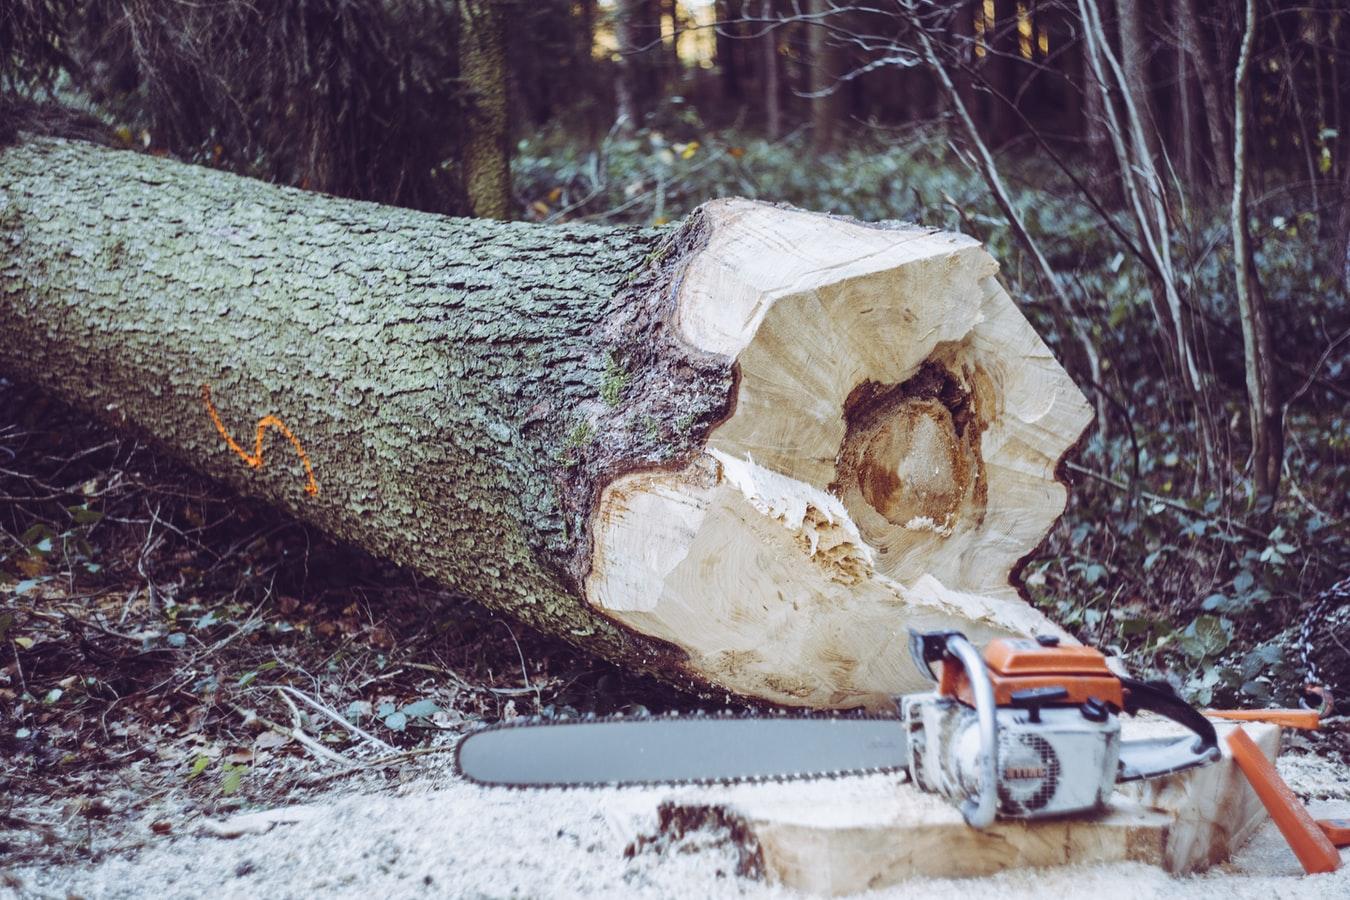 Un tronc d'arbre abattu avec la scie posée à côté.